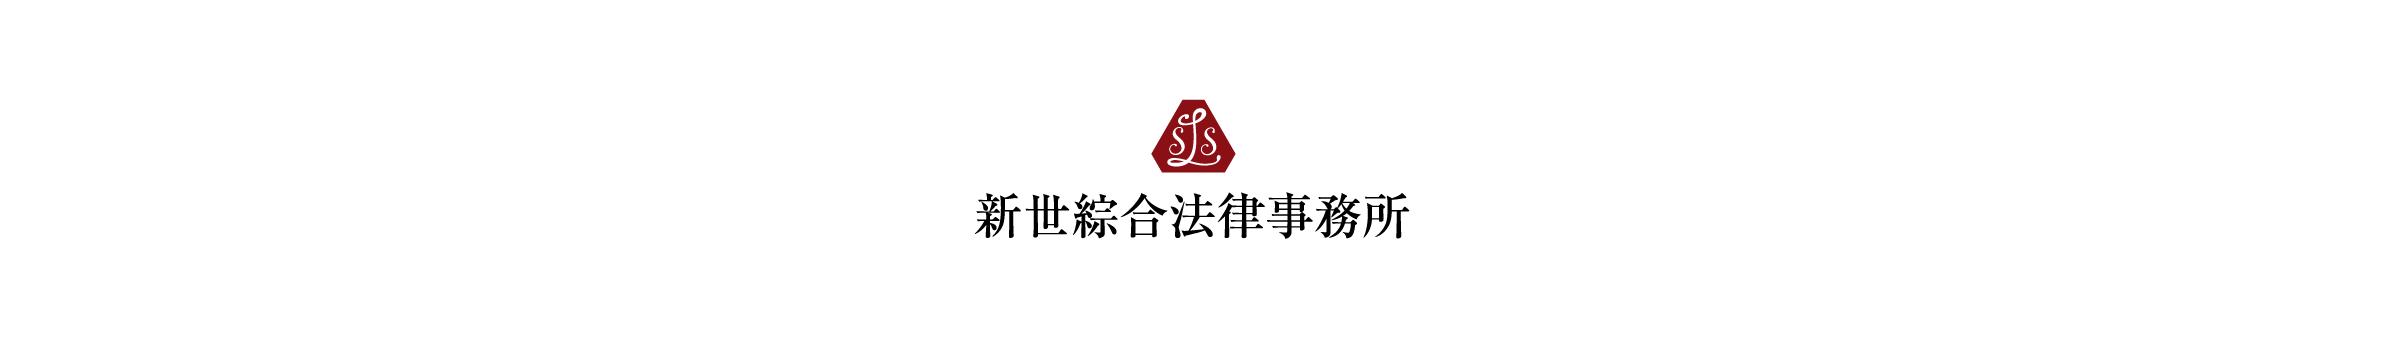 新世綜合法律事務所